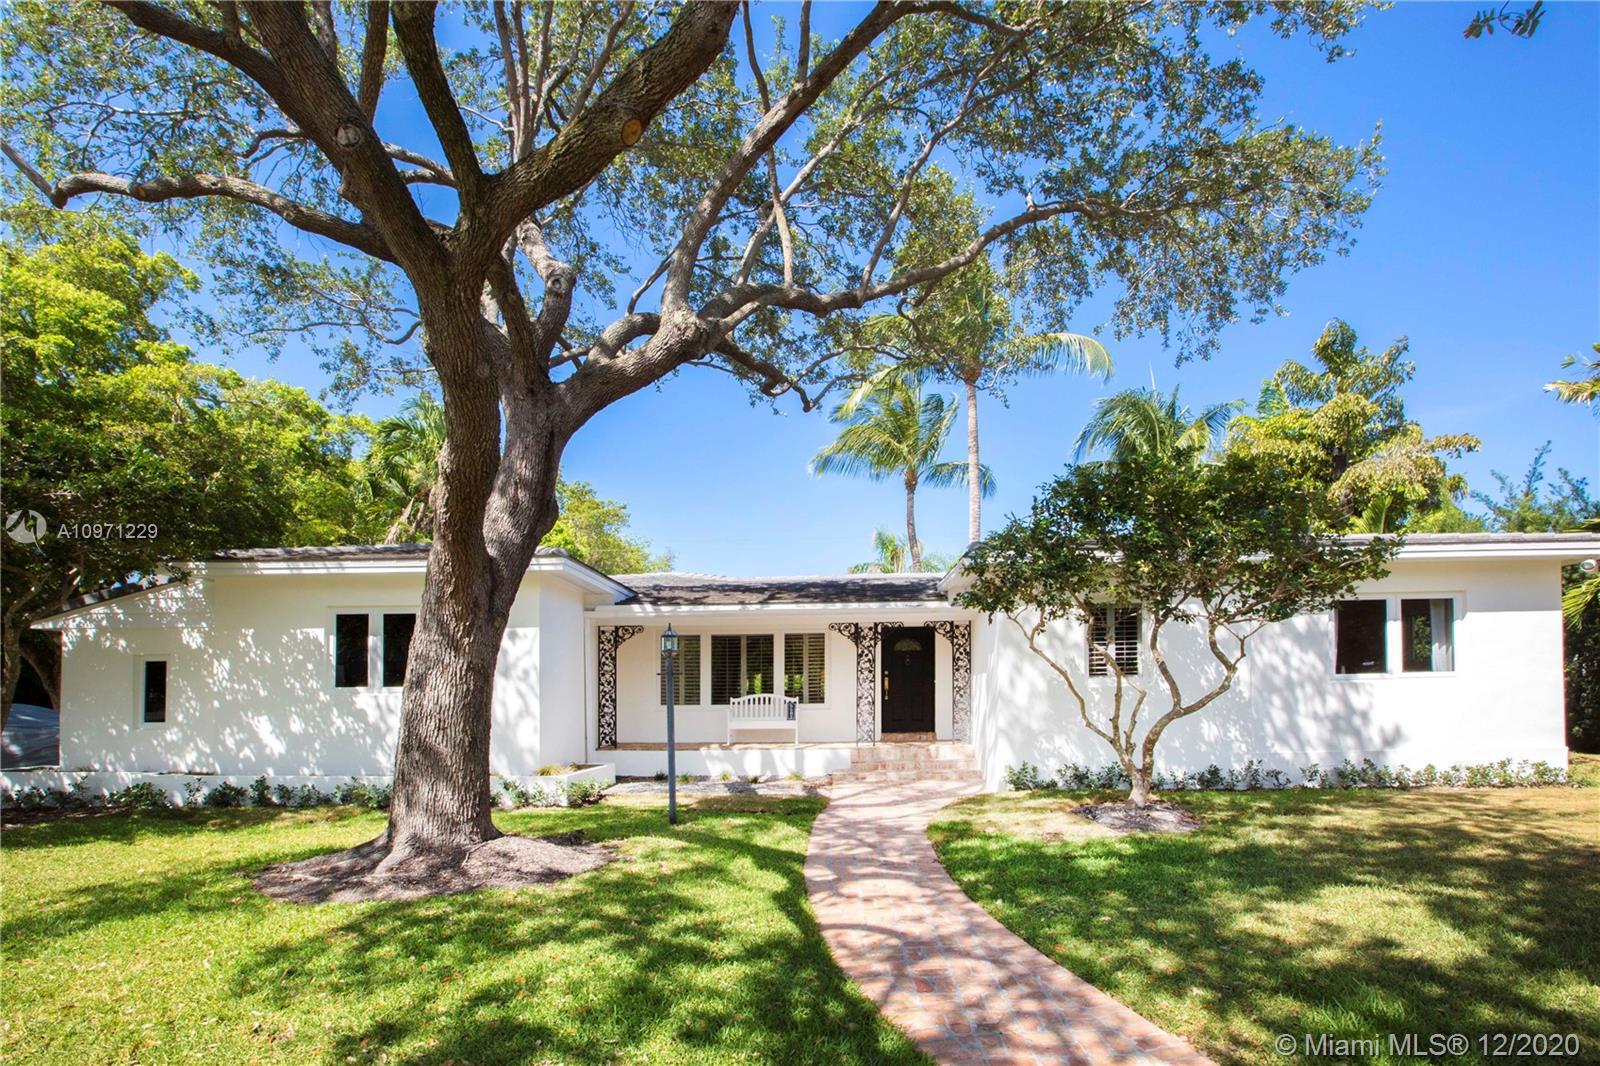 South Miami - 6601 Riviera Dr, Coral Gables, FL 33146